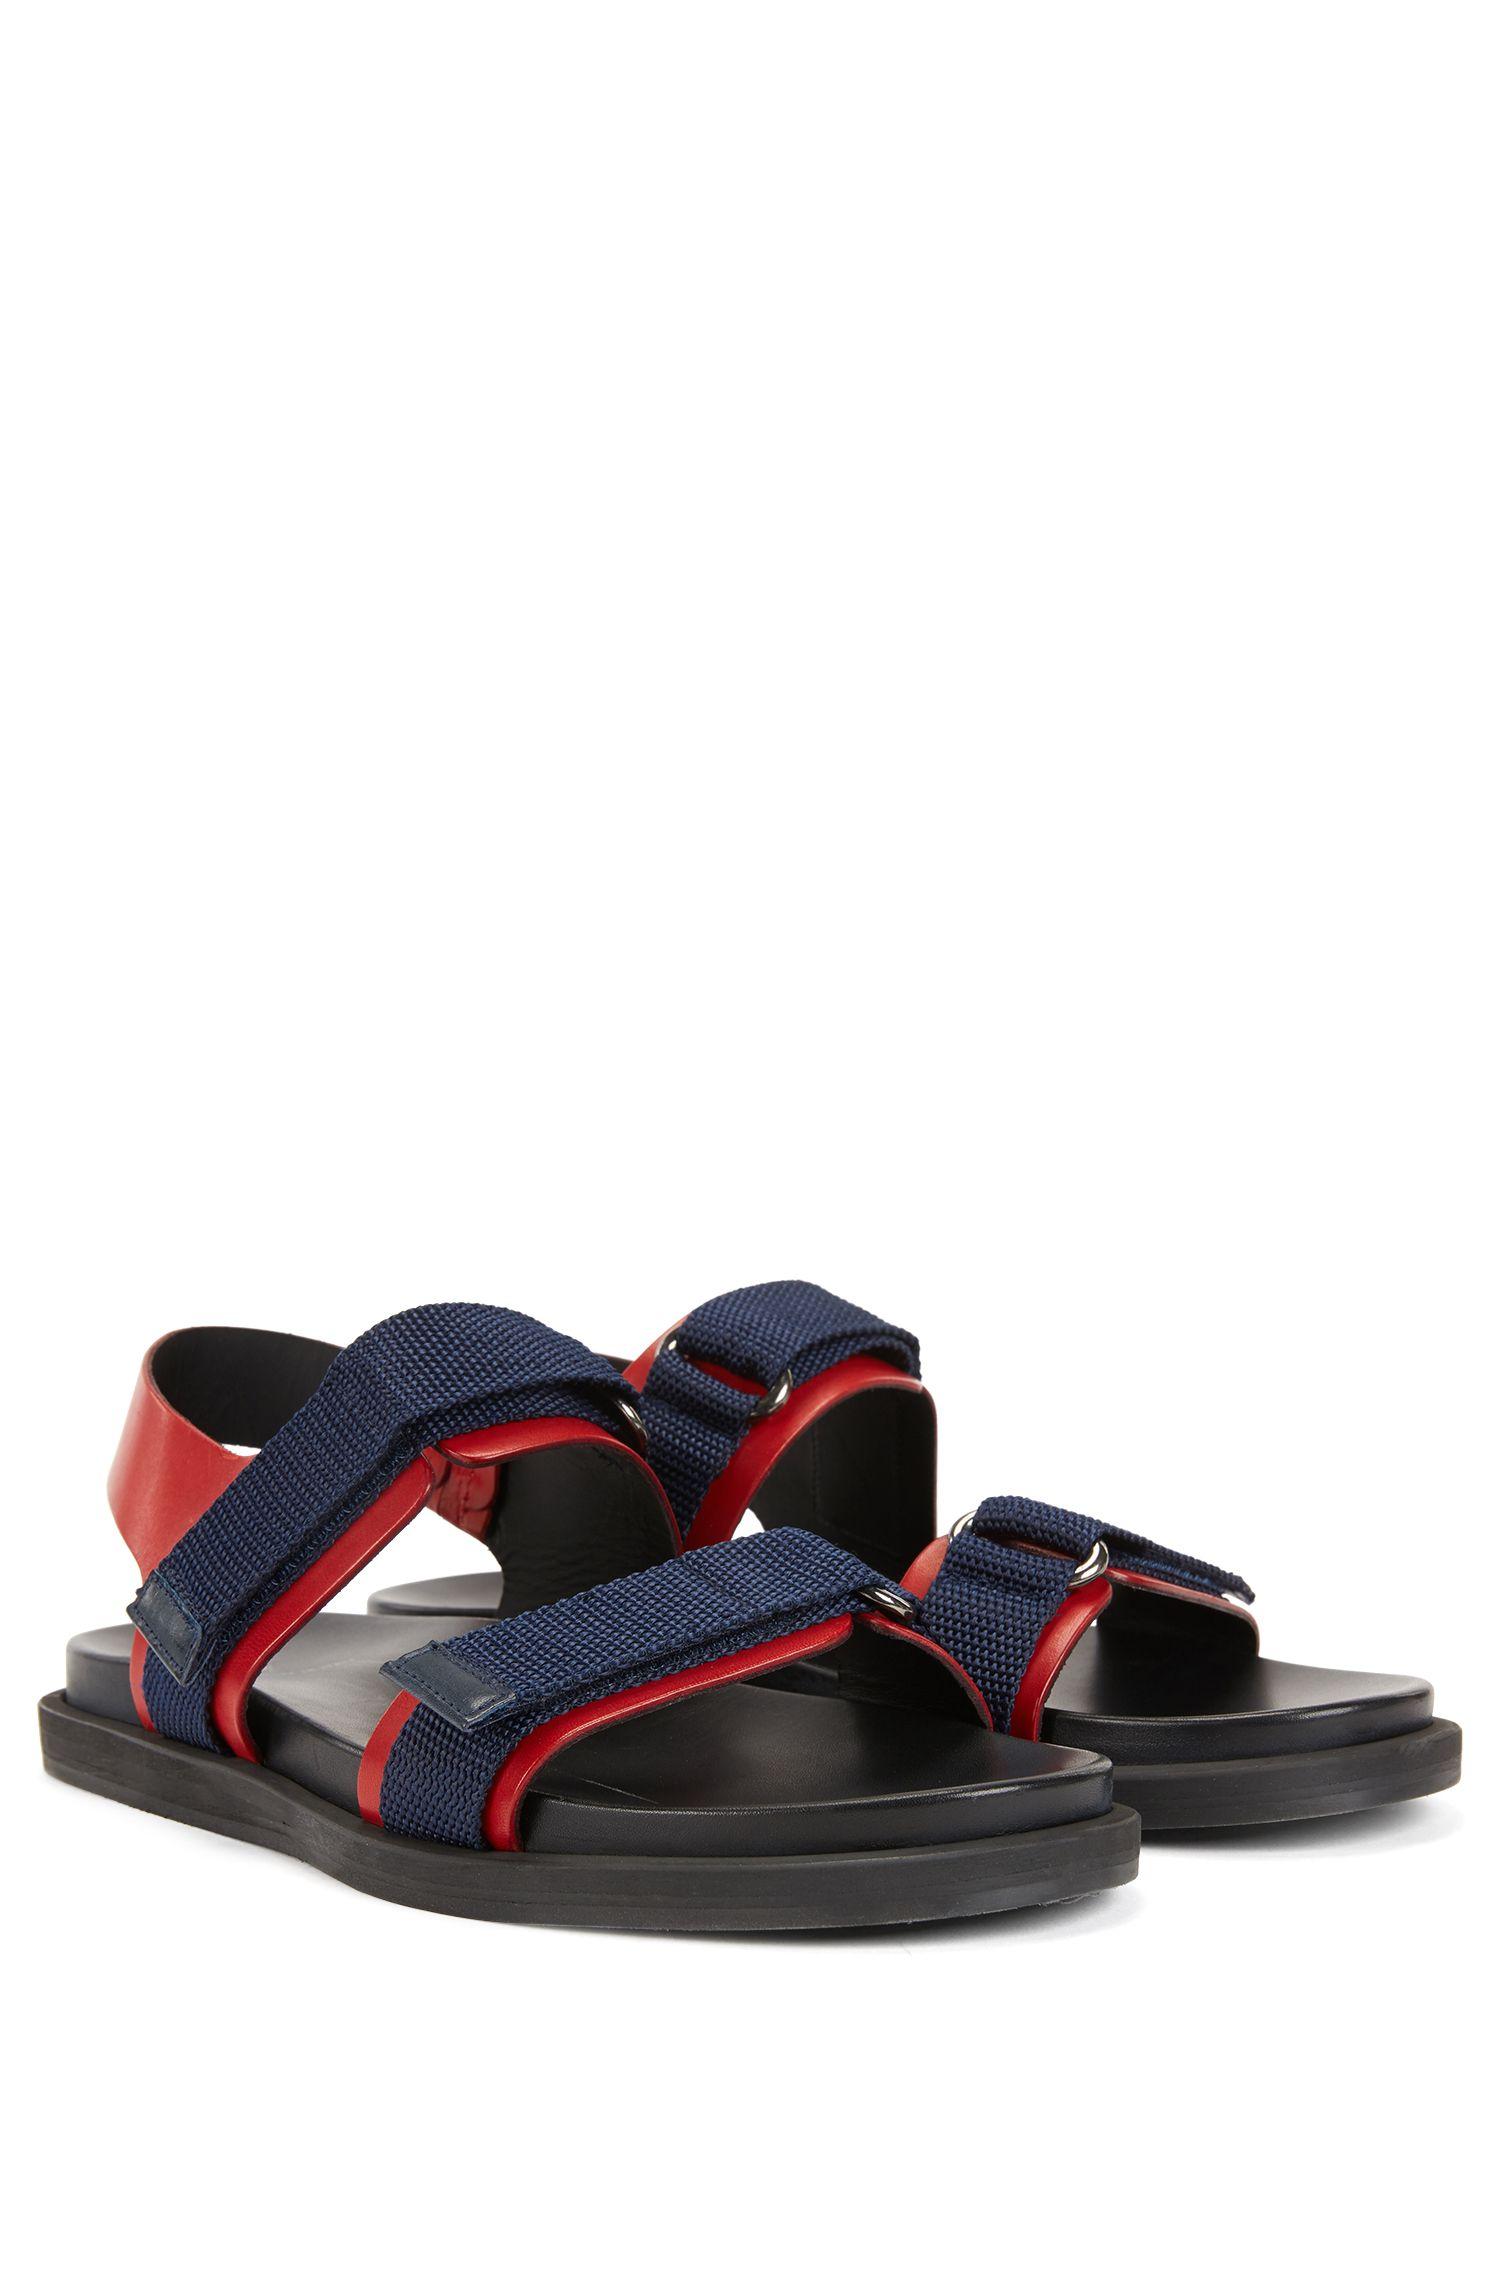 Sandalen aus italienischem Leder mit EVA-Sohle